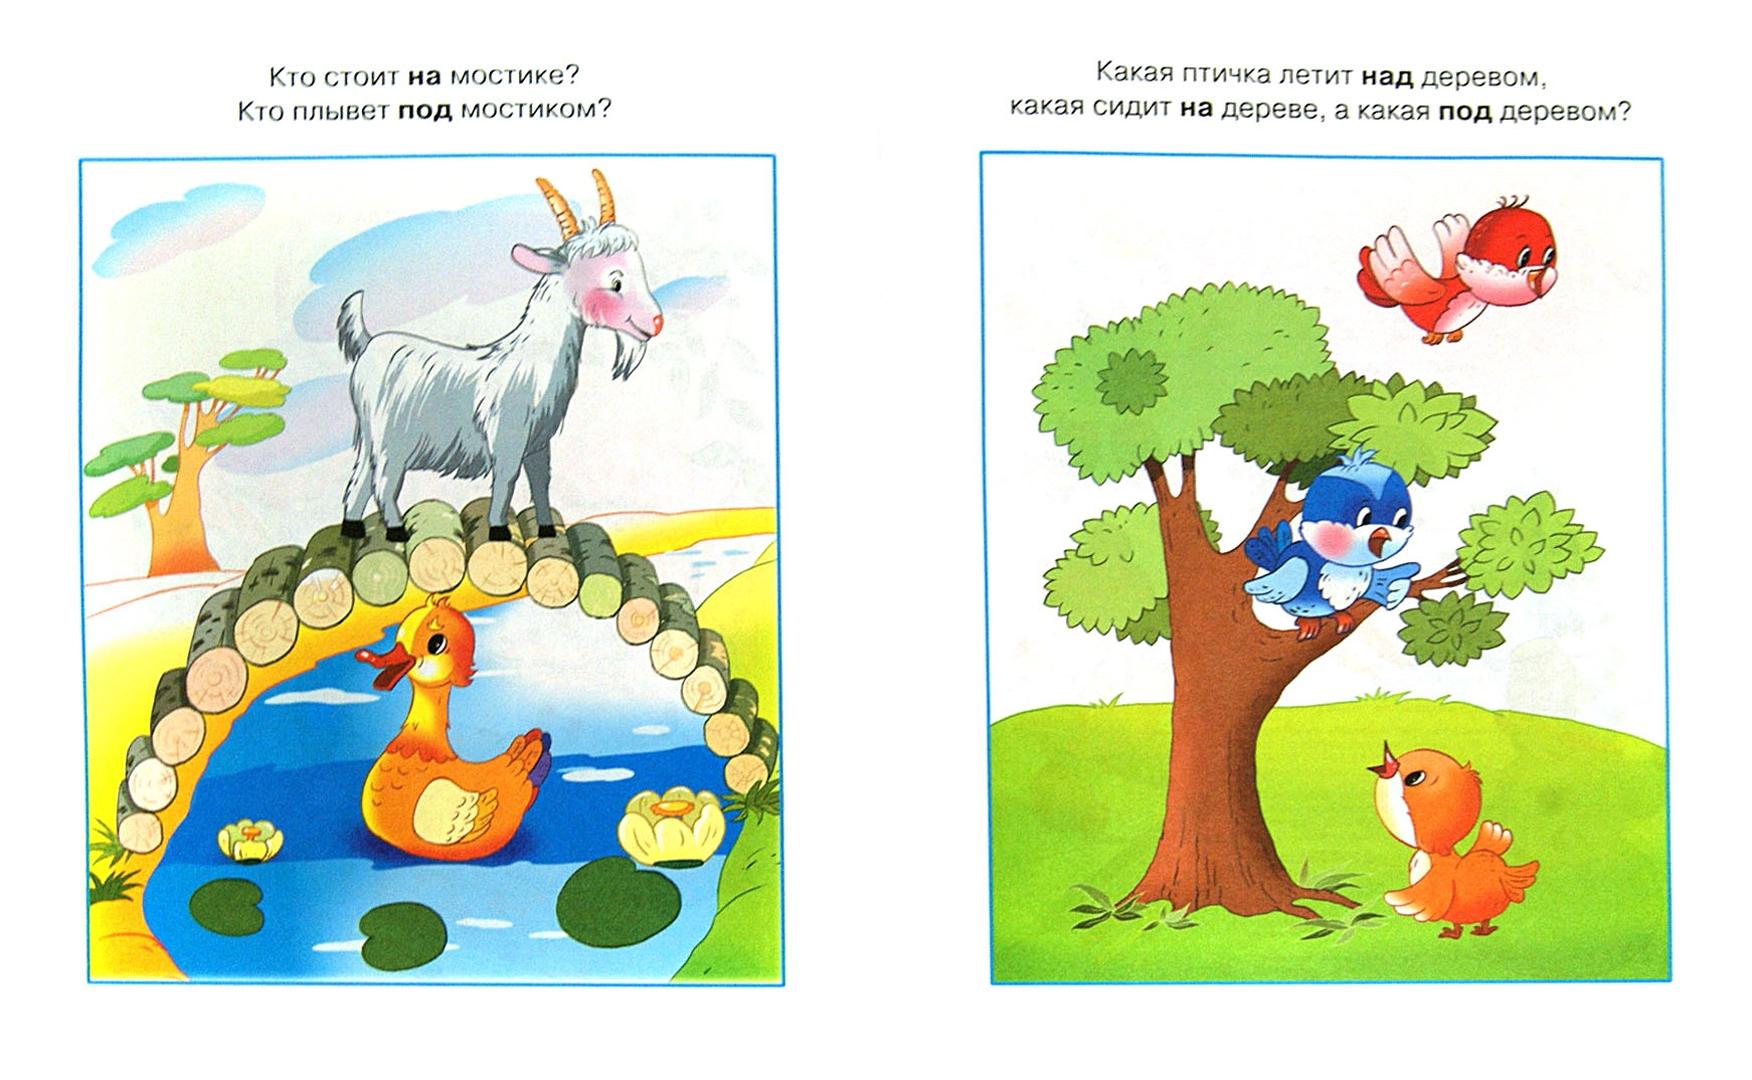 Иллюстрация 1 из 16 для Вправо-влево, вверх-вниз. Ориентируемся в пространстве (для детей 2-3 лет) - Ольга Земцова | Лабиринт - книги. Источник: Лабиринт